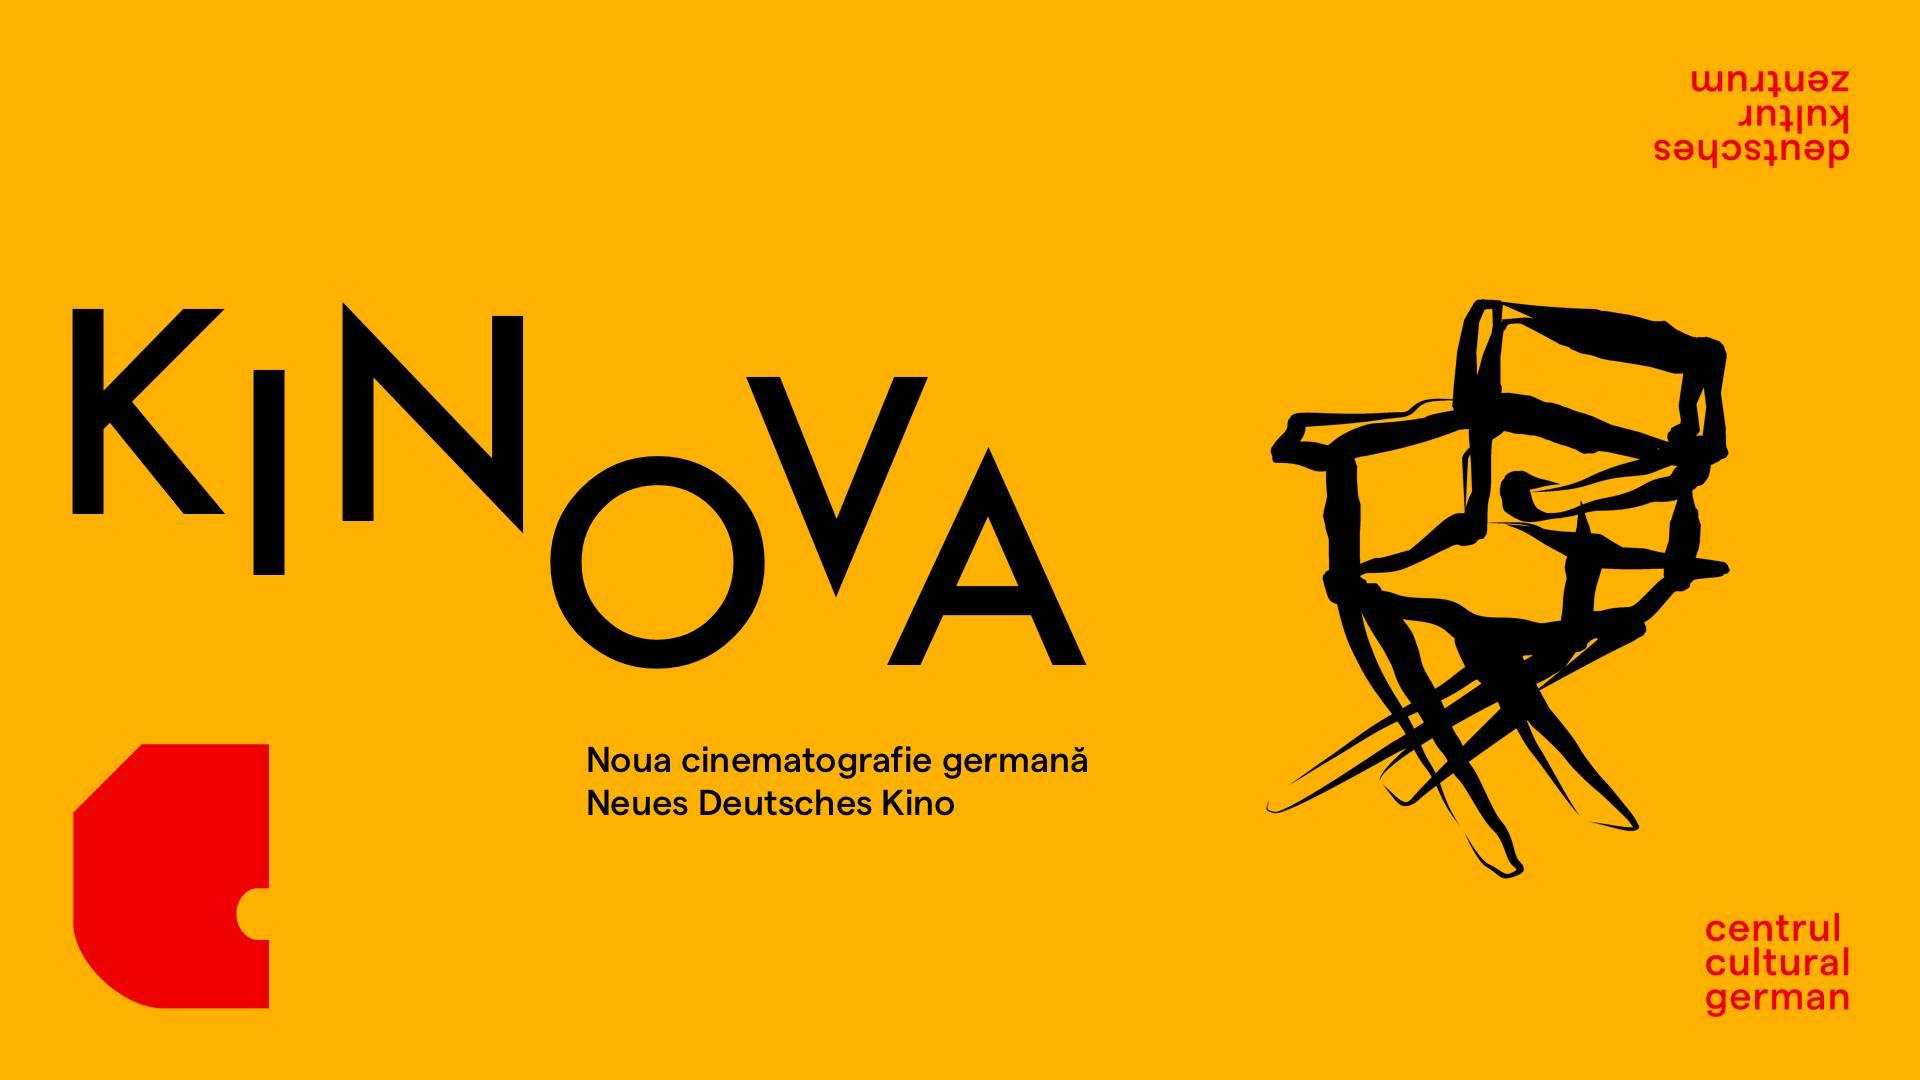 Serie de filme: Kino Nova   Noua cinematografie germană